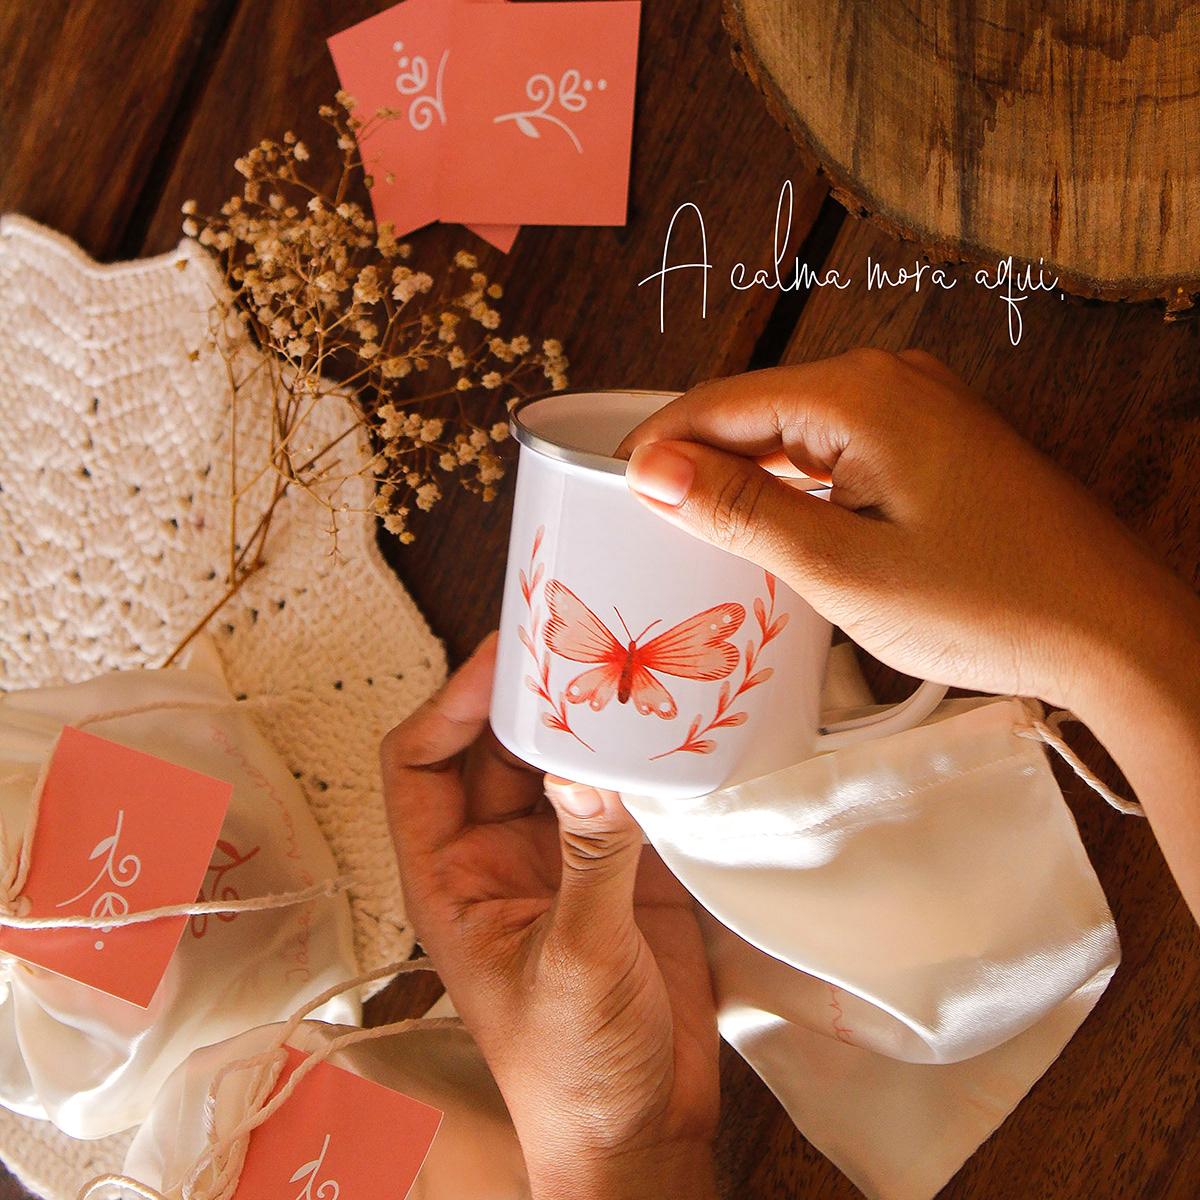 چاپ روی لیوان استیل، طرح دلخواه روی لیوان استیل